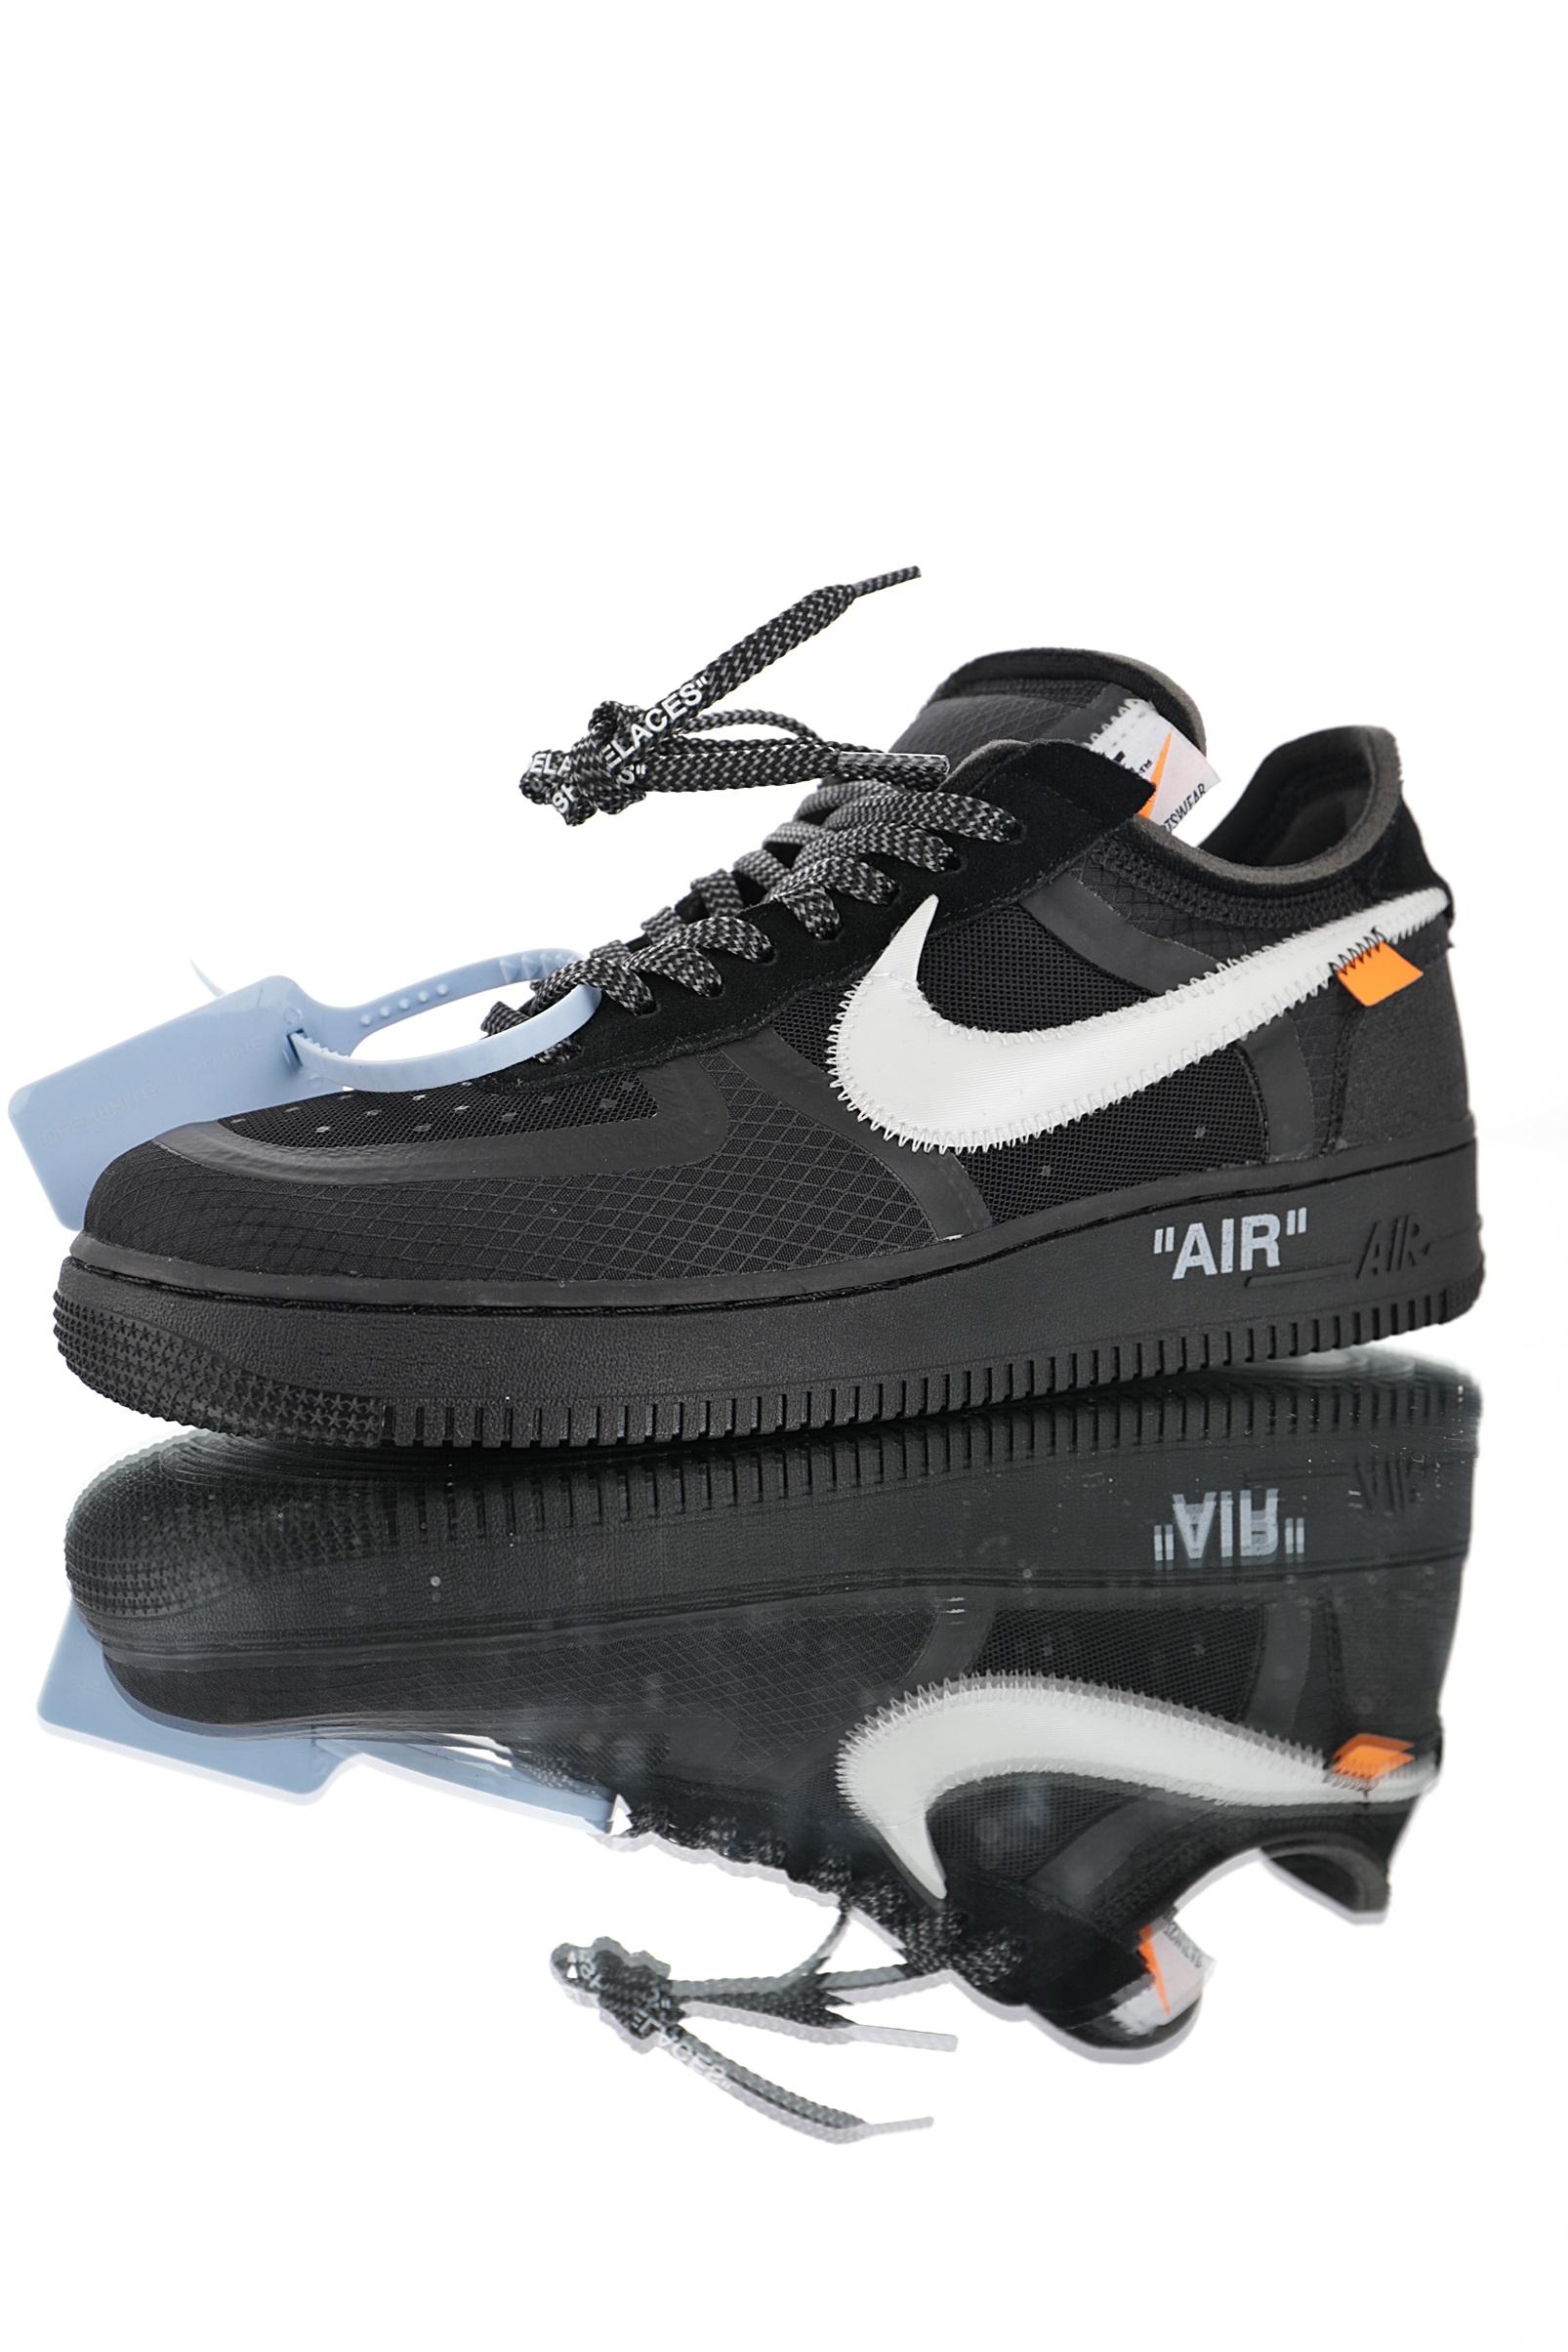 air force 1 negras baratas